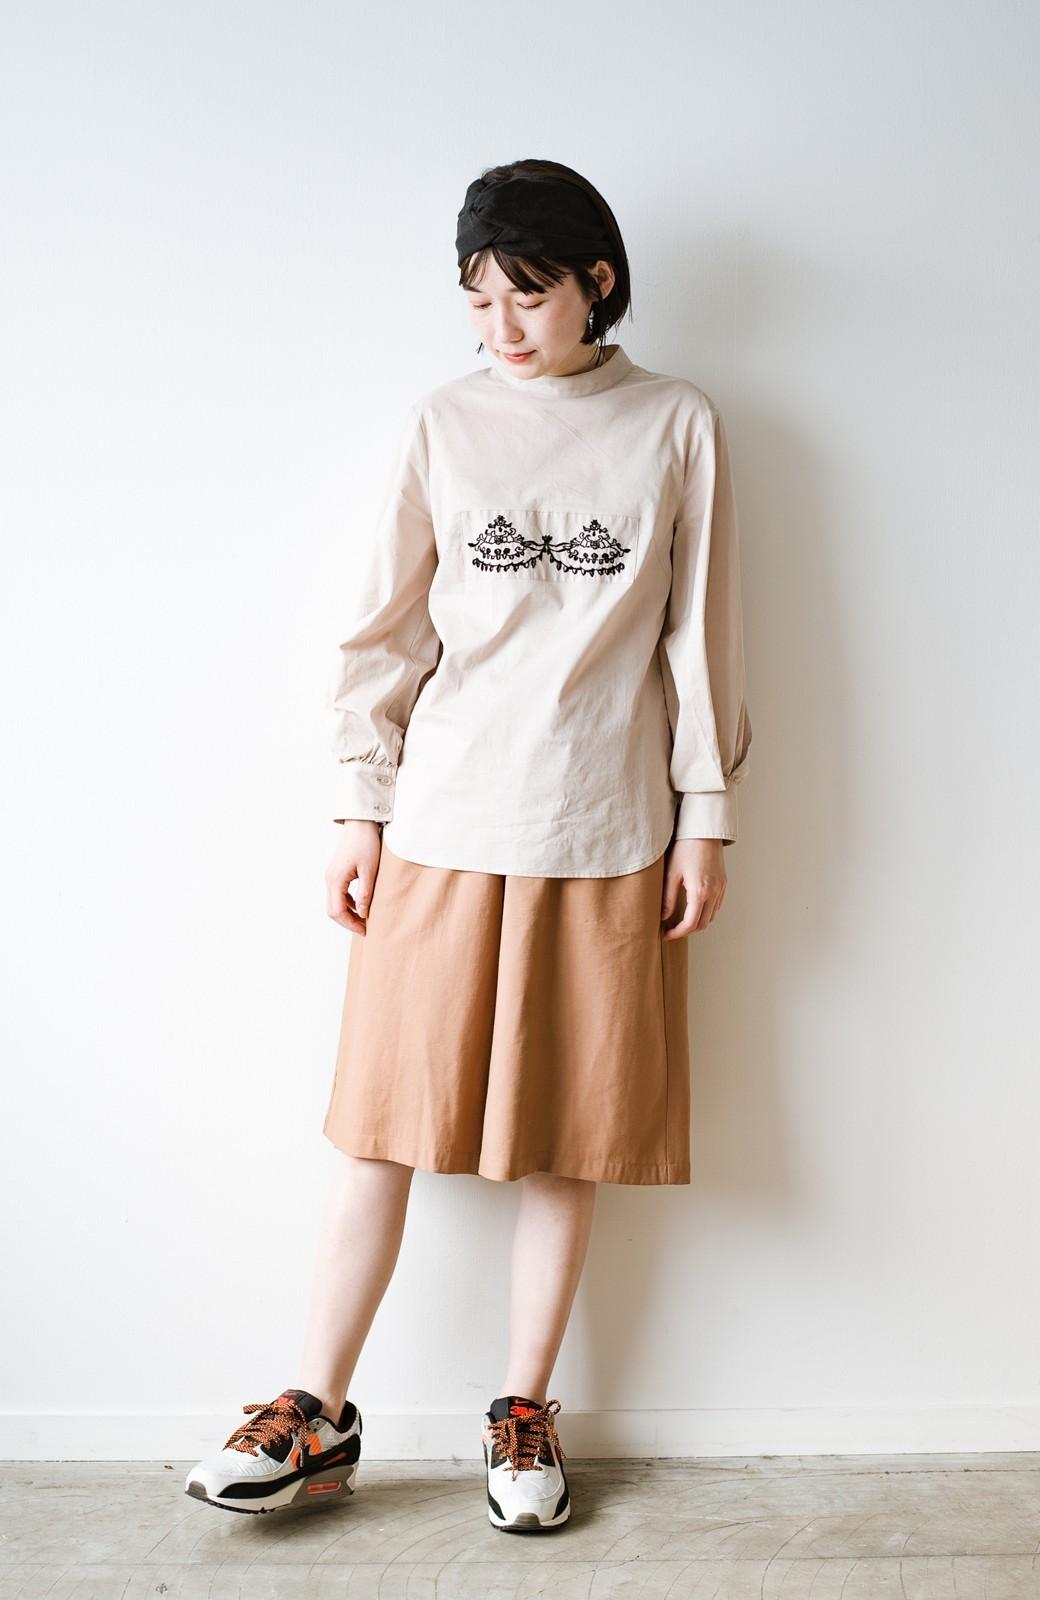 haco! 上品な刺繍がまるでレースのよう オーガニックコットンの袖ぽんわりブラウス from Stitch by Stitch <ライトベージュ>の商品写真3